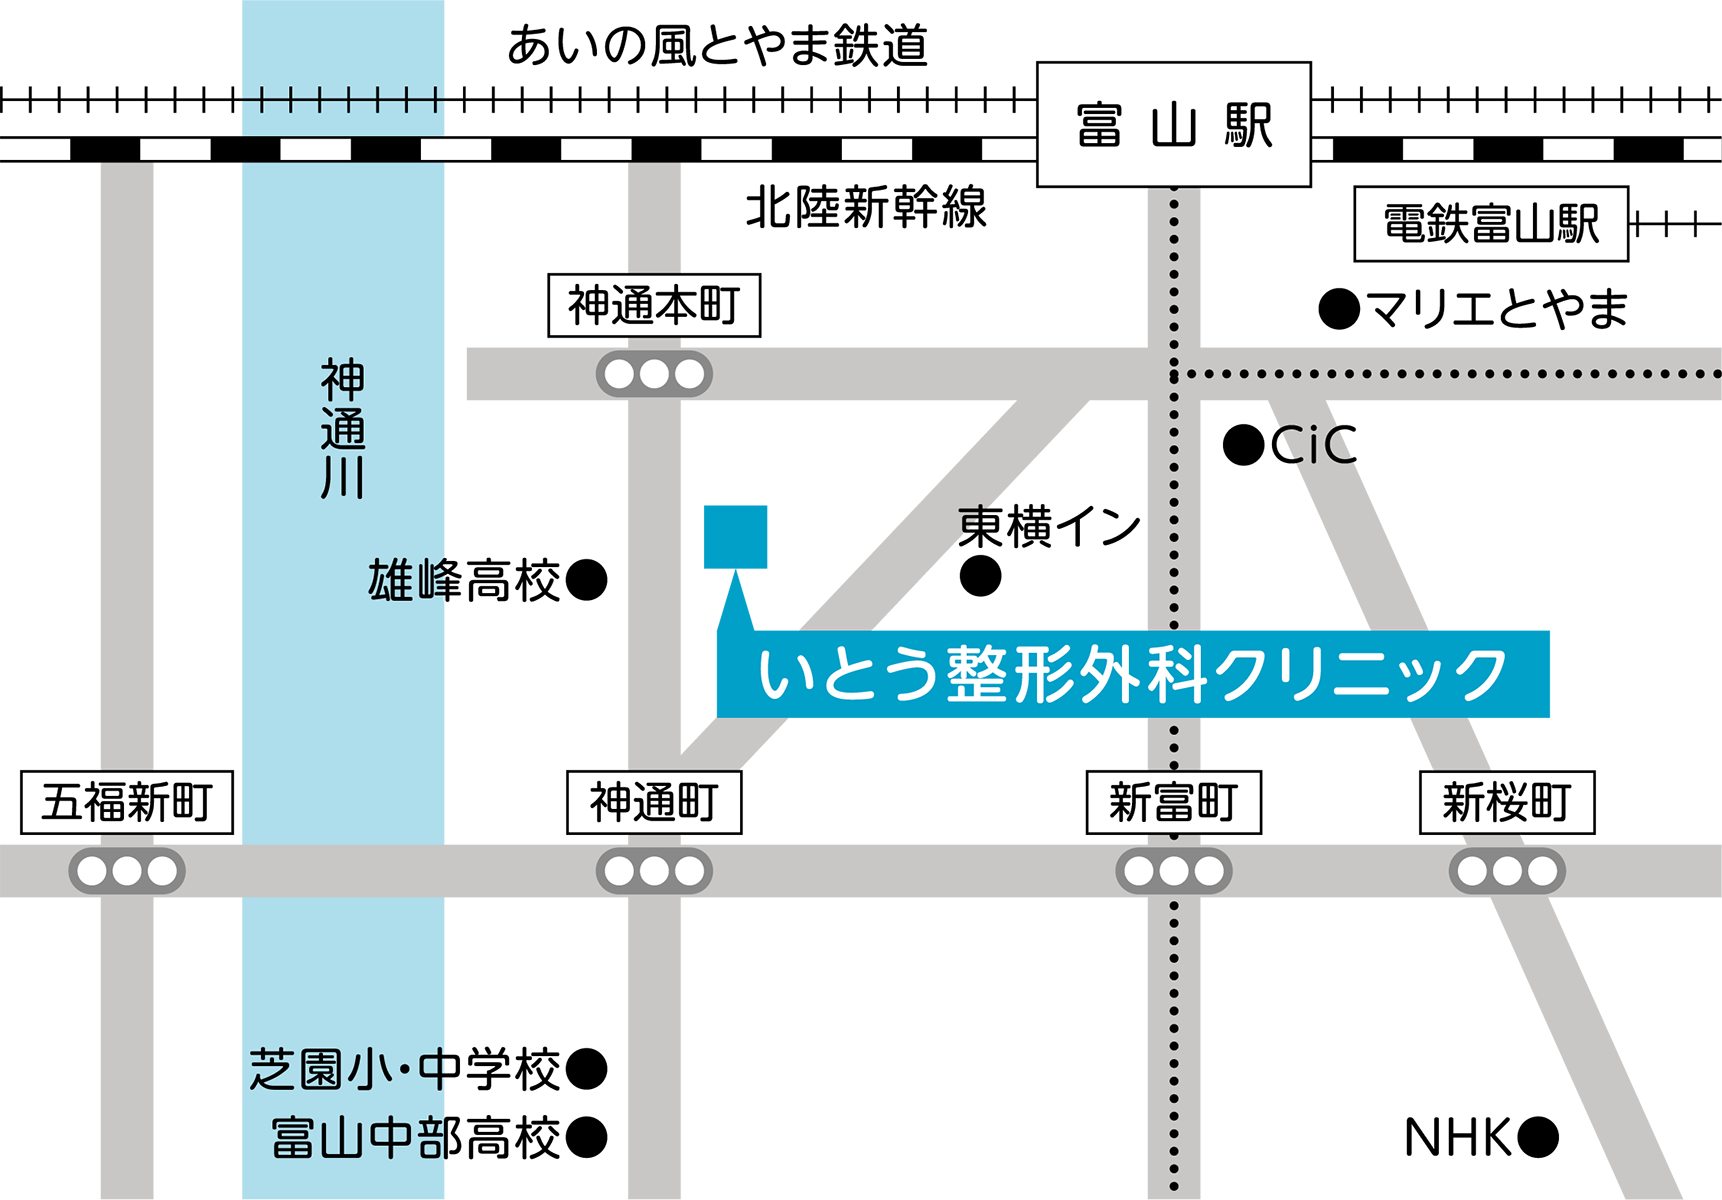 Ito-Map